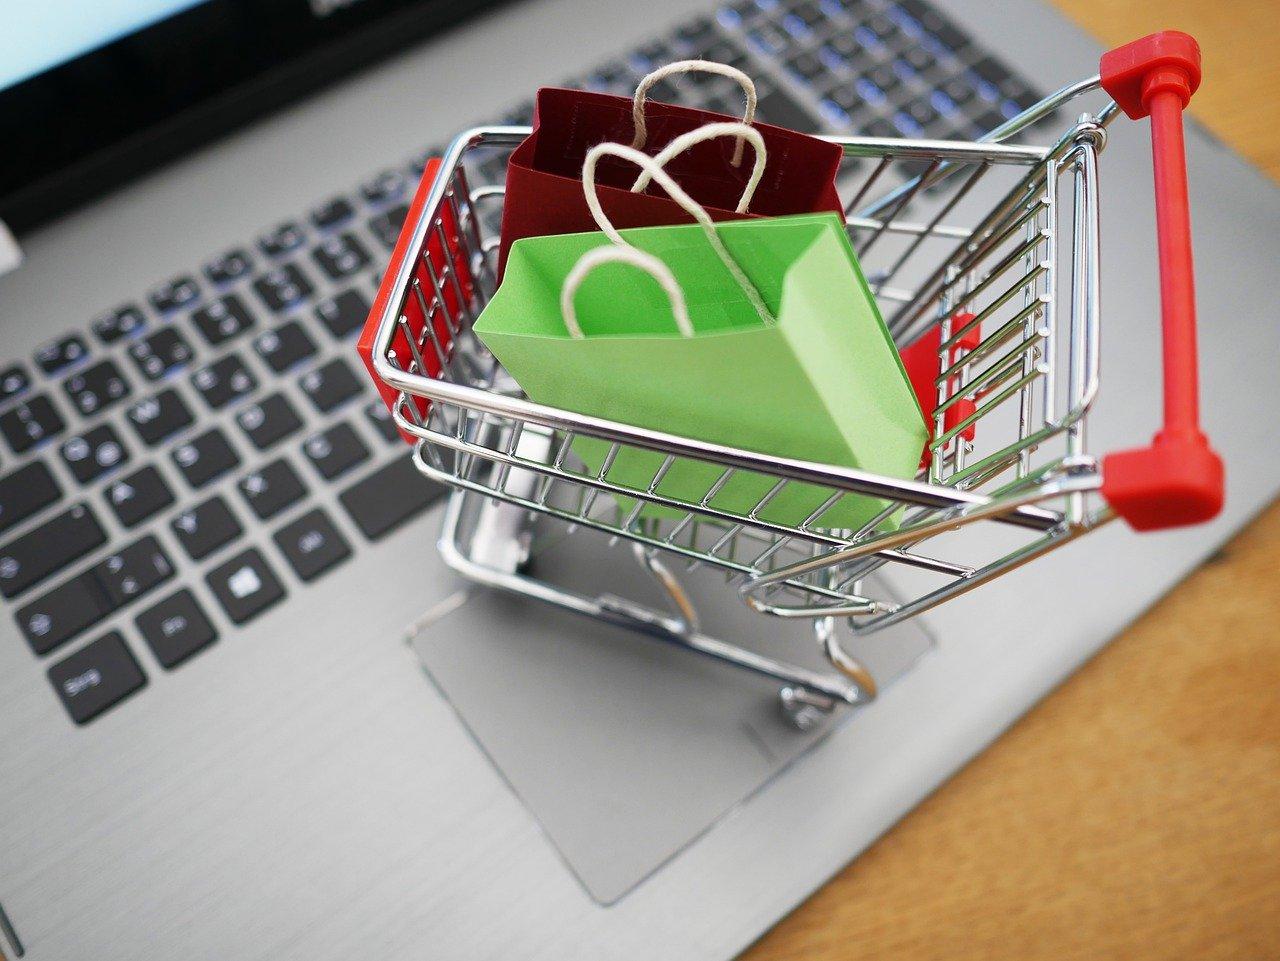 Заказать сайт Интернет-магазина под ключ